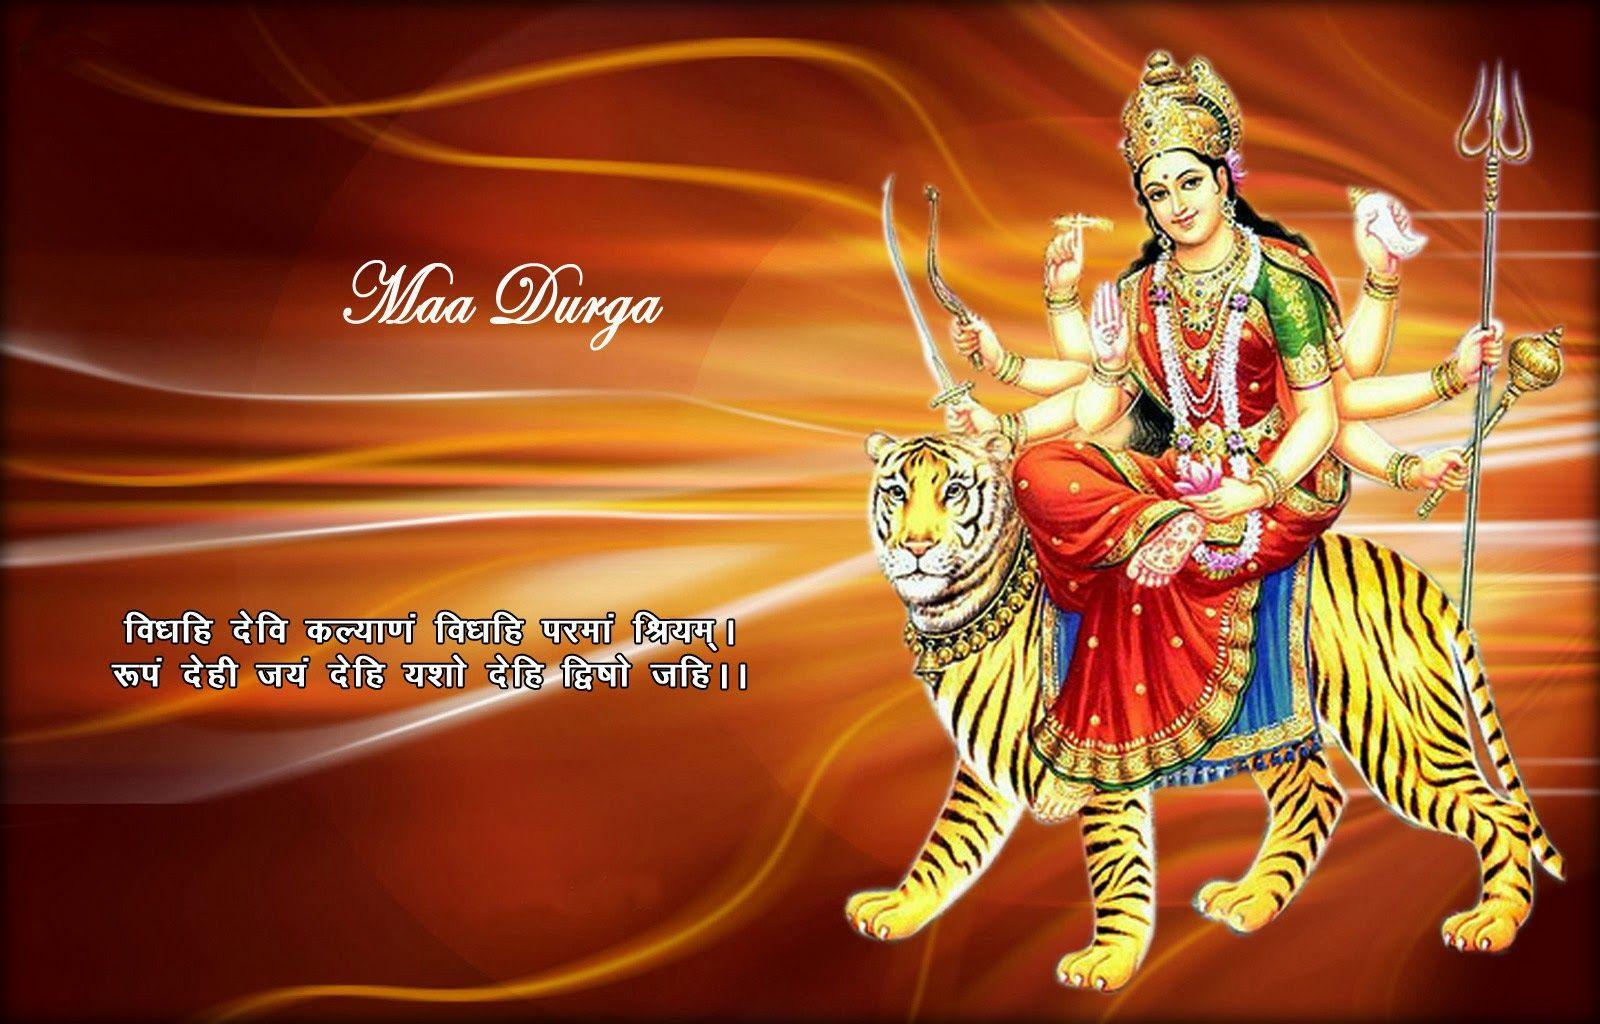 Maa Durga Hd Wallpaper Durga Maa Photo Images Krishna Wallpaper Happy Navratri Images Navratri Images Navratri Wishes